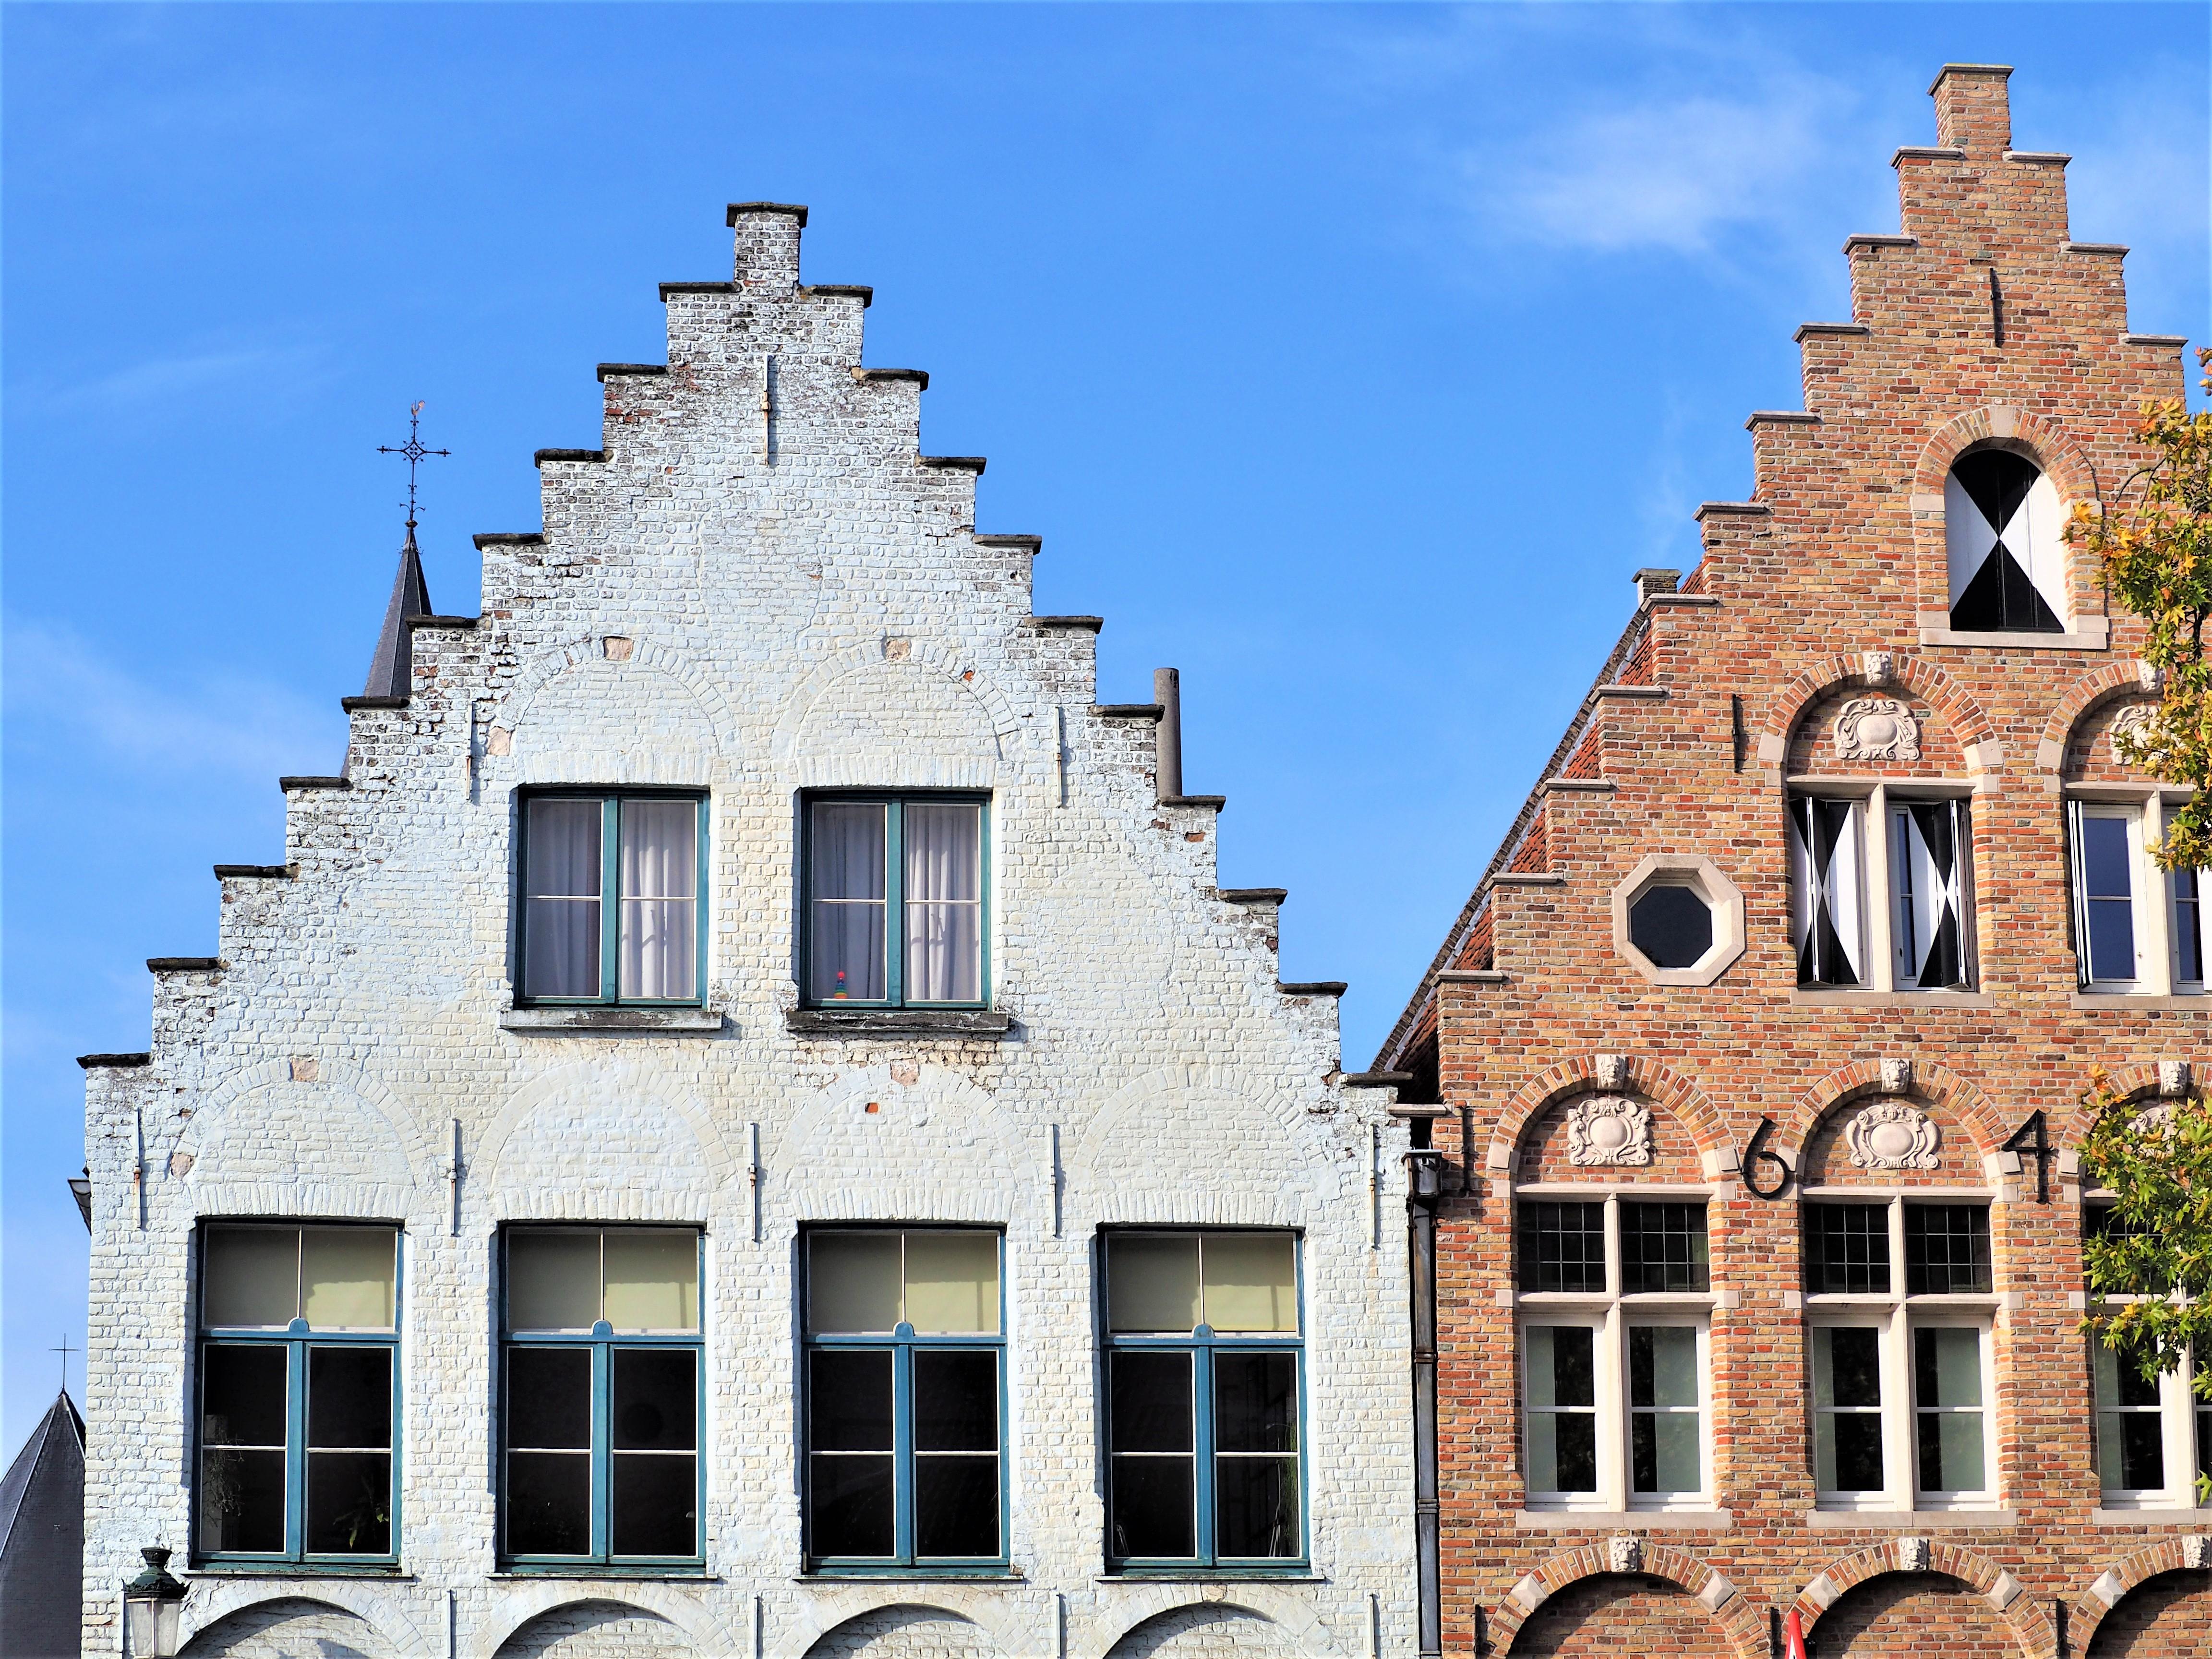 Bruges-Belgique-Blog-voyage-Clioandco- maisons architecture